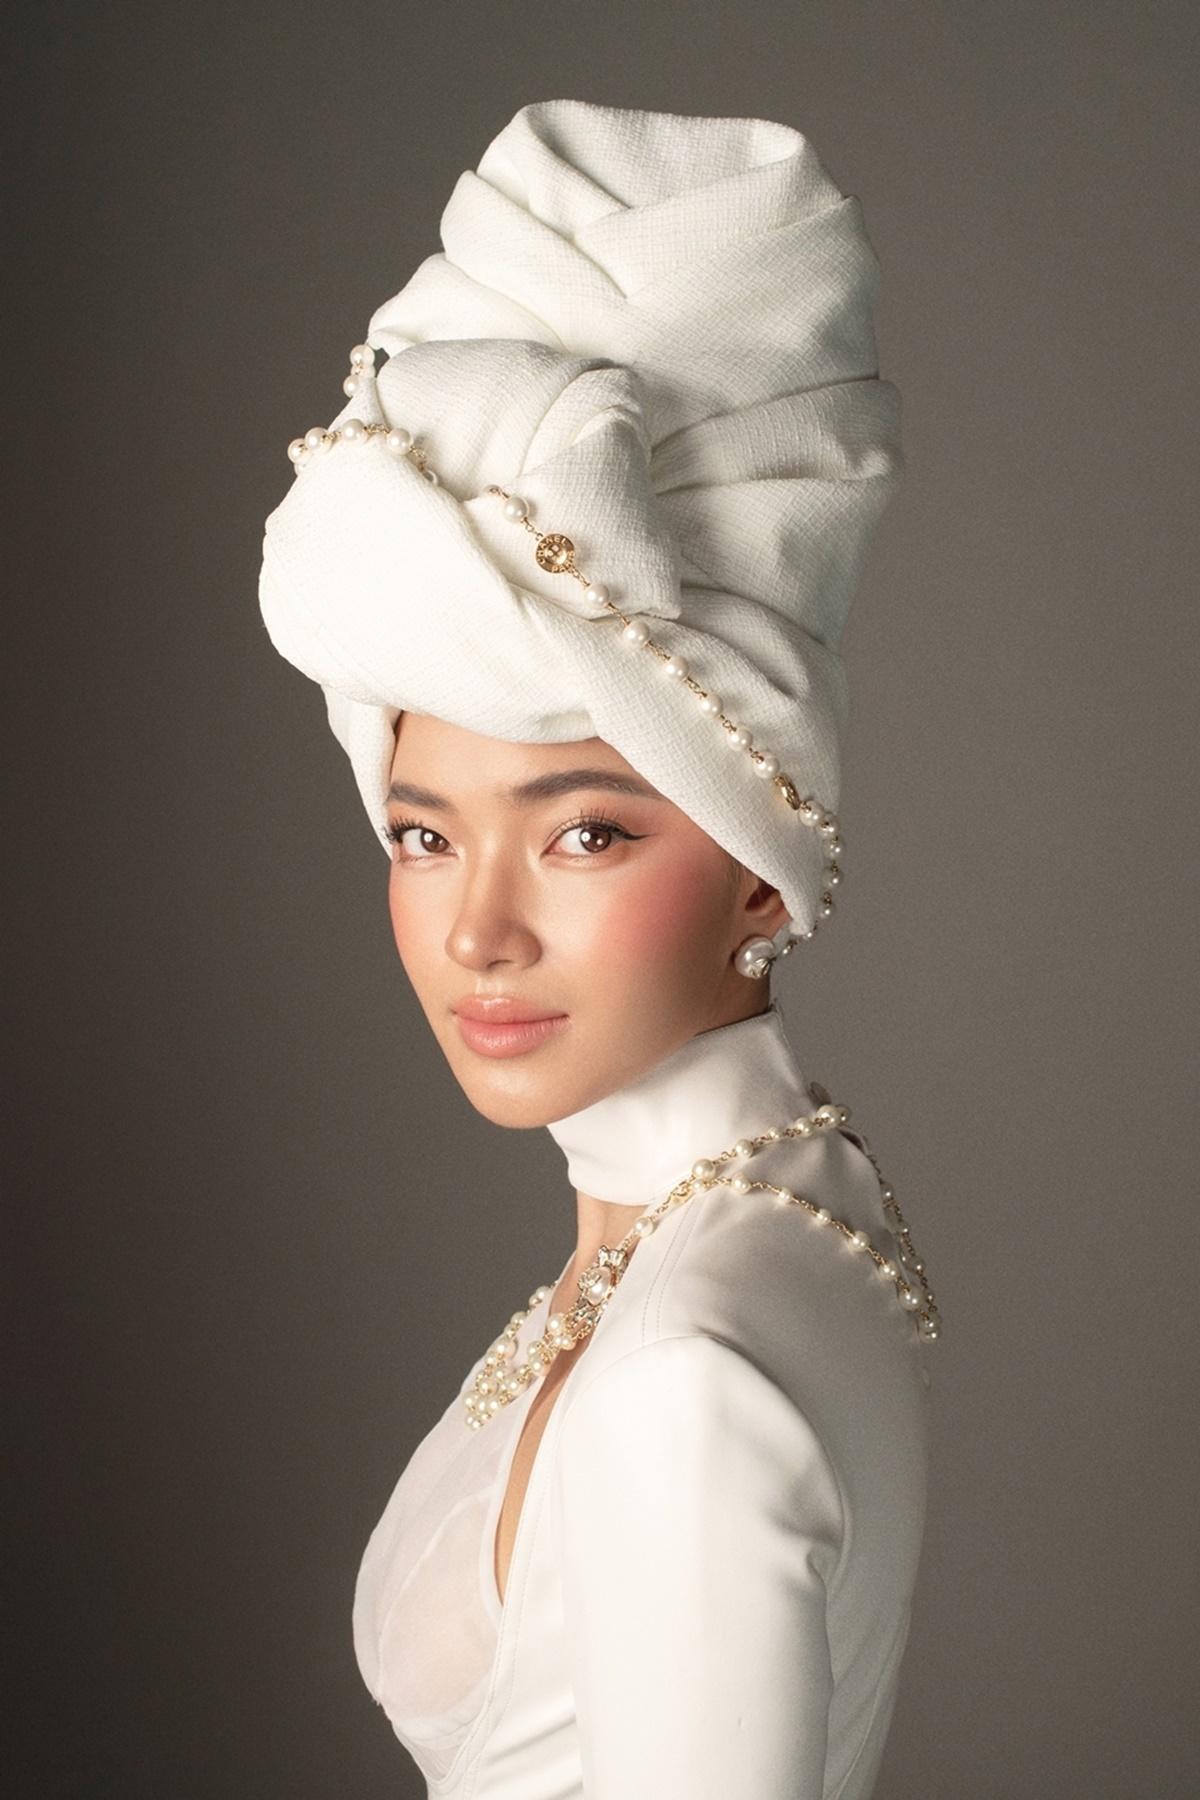 Fashionsta Châu Bùi khoe nét đẹp Á Đông